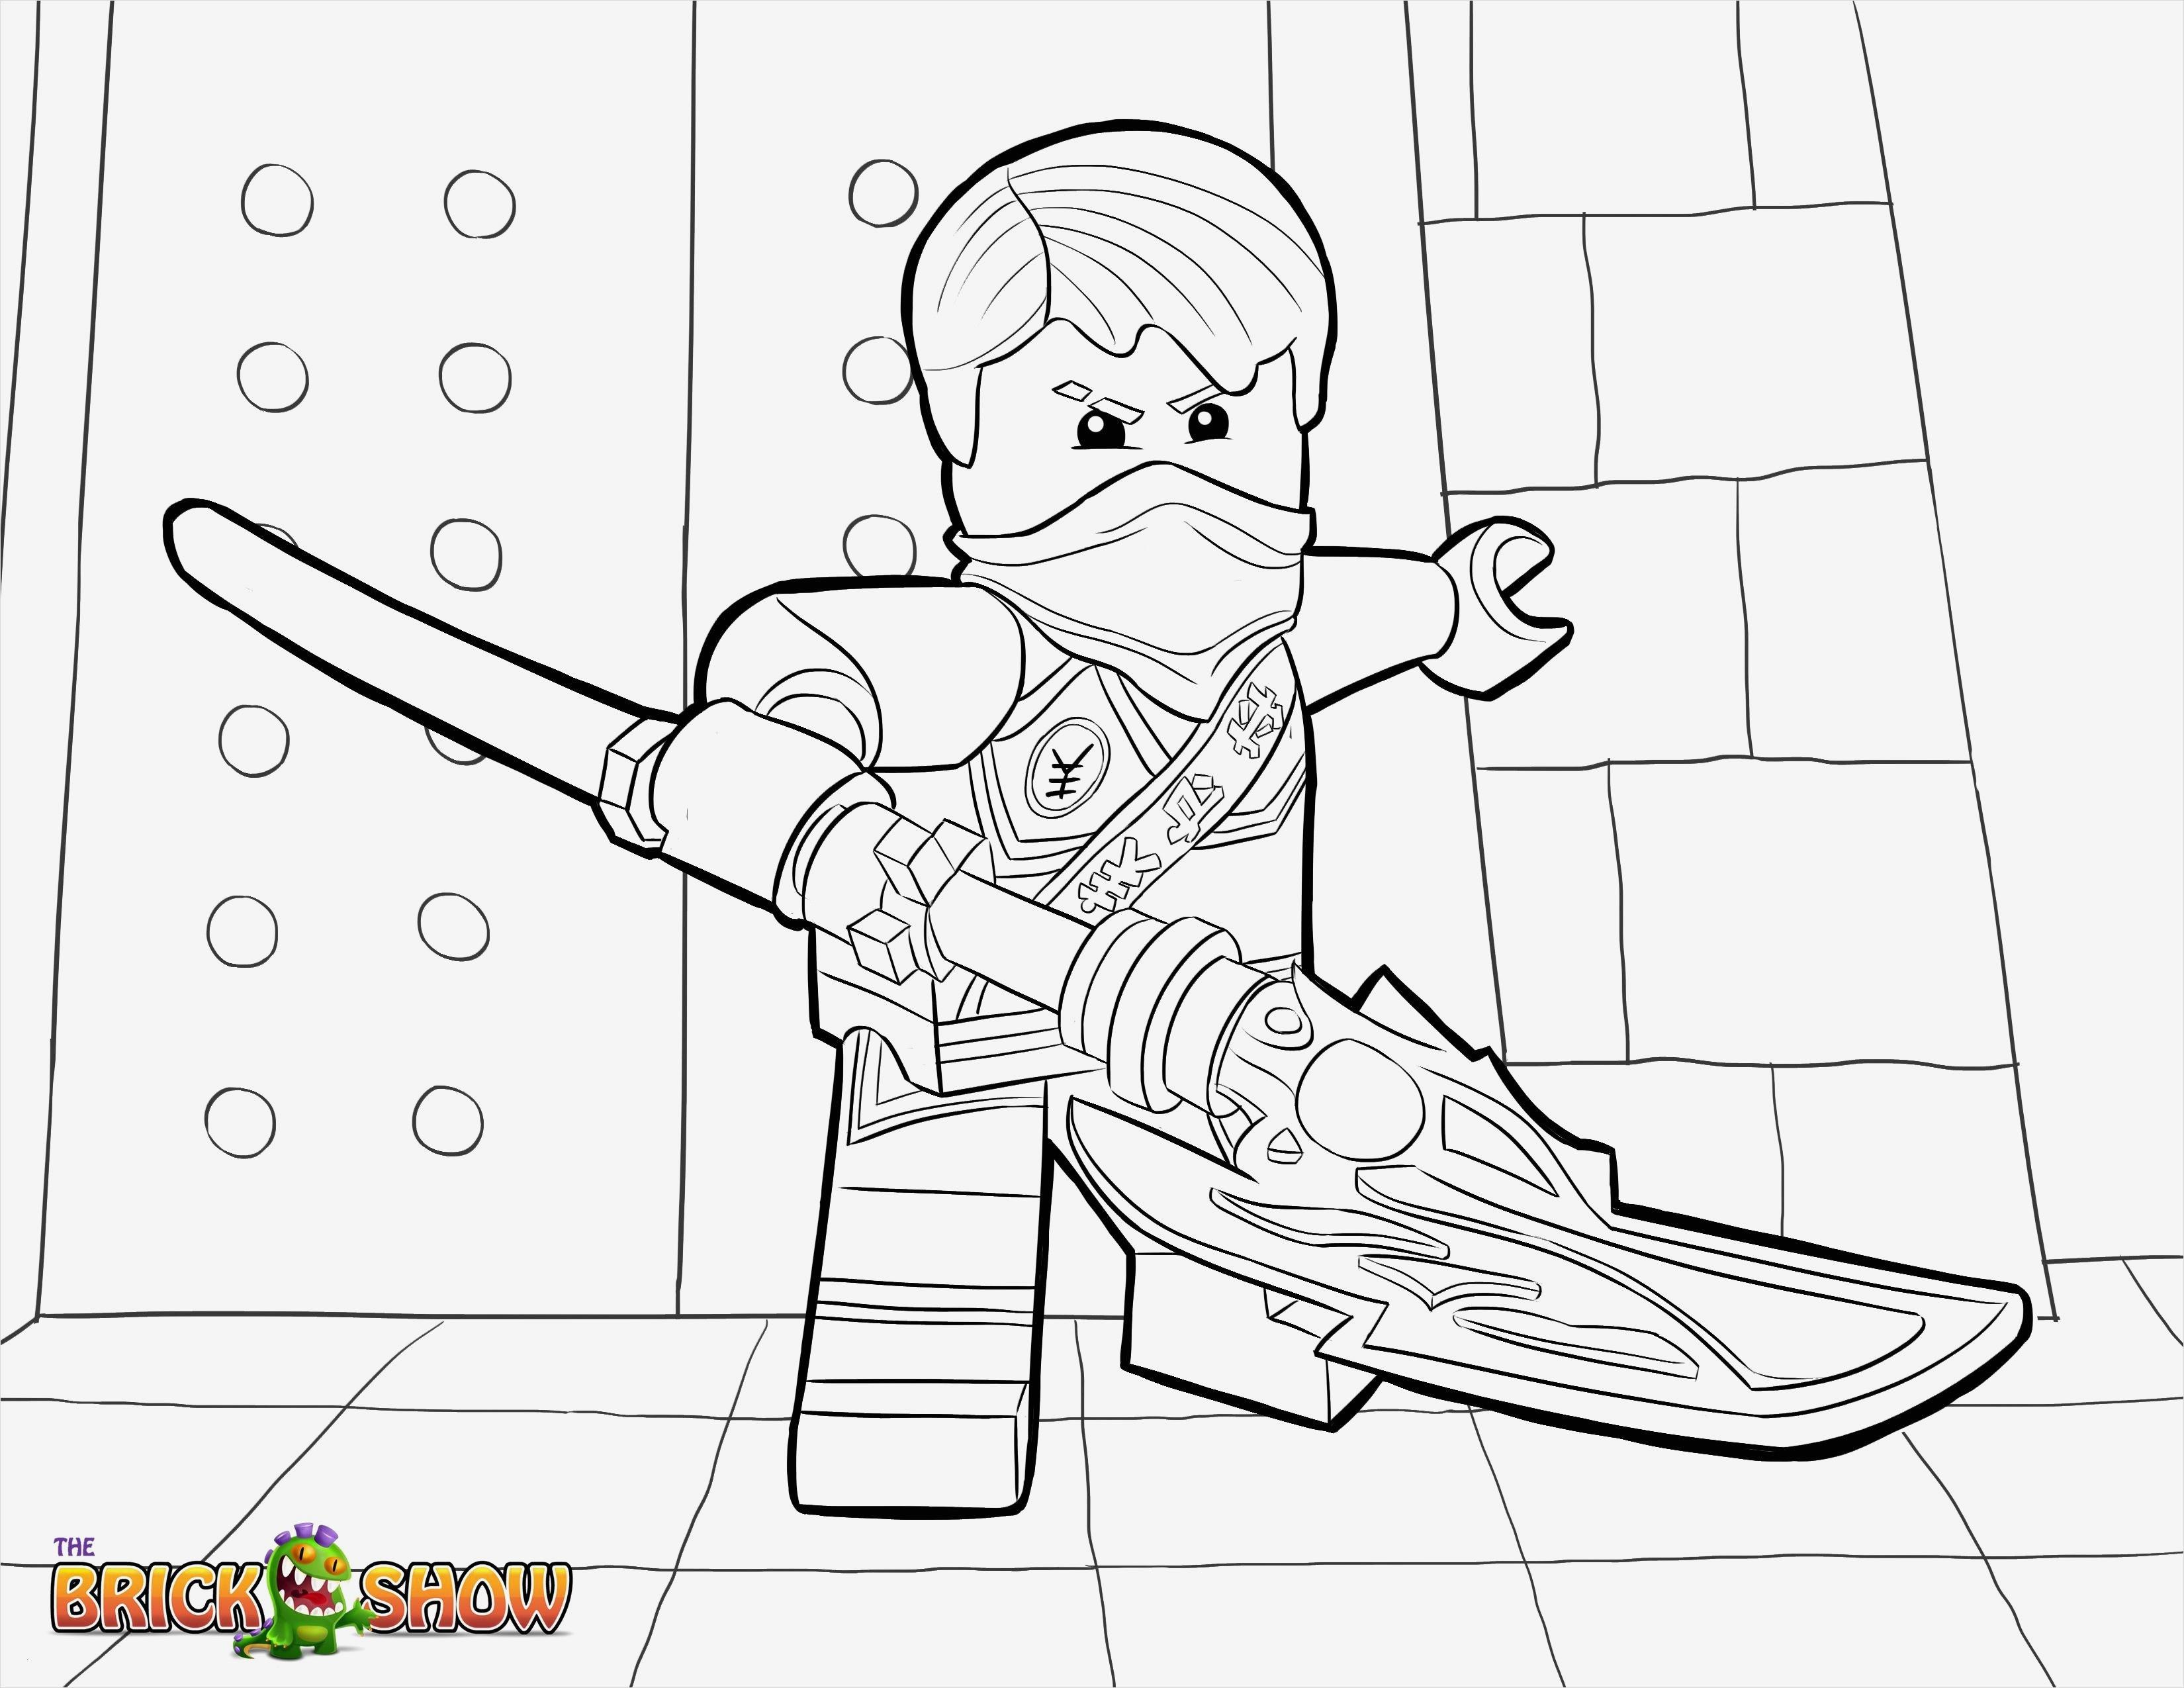 Ausmalbilder Kostenlos Ninjago Das Beste Von Ninjago Ausmalbilder Eine Sammlung Von Färbung Bilder Lego Ninjago Bilder